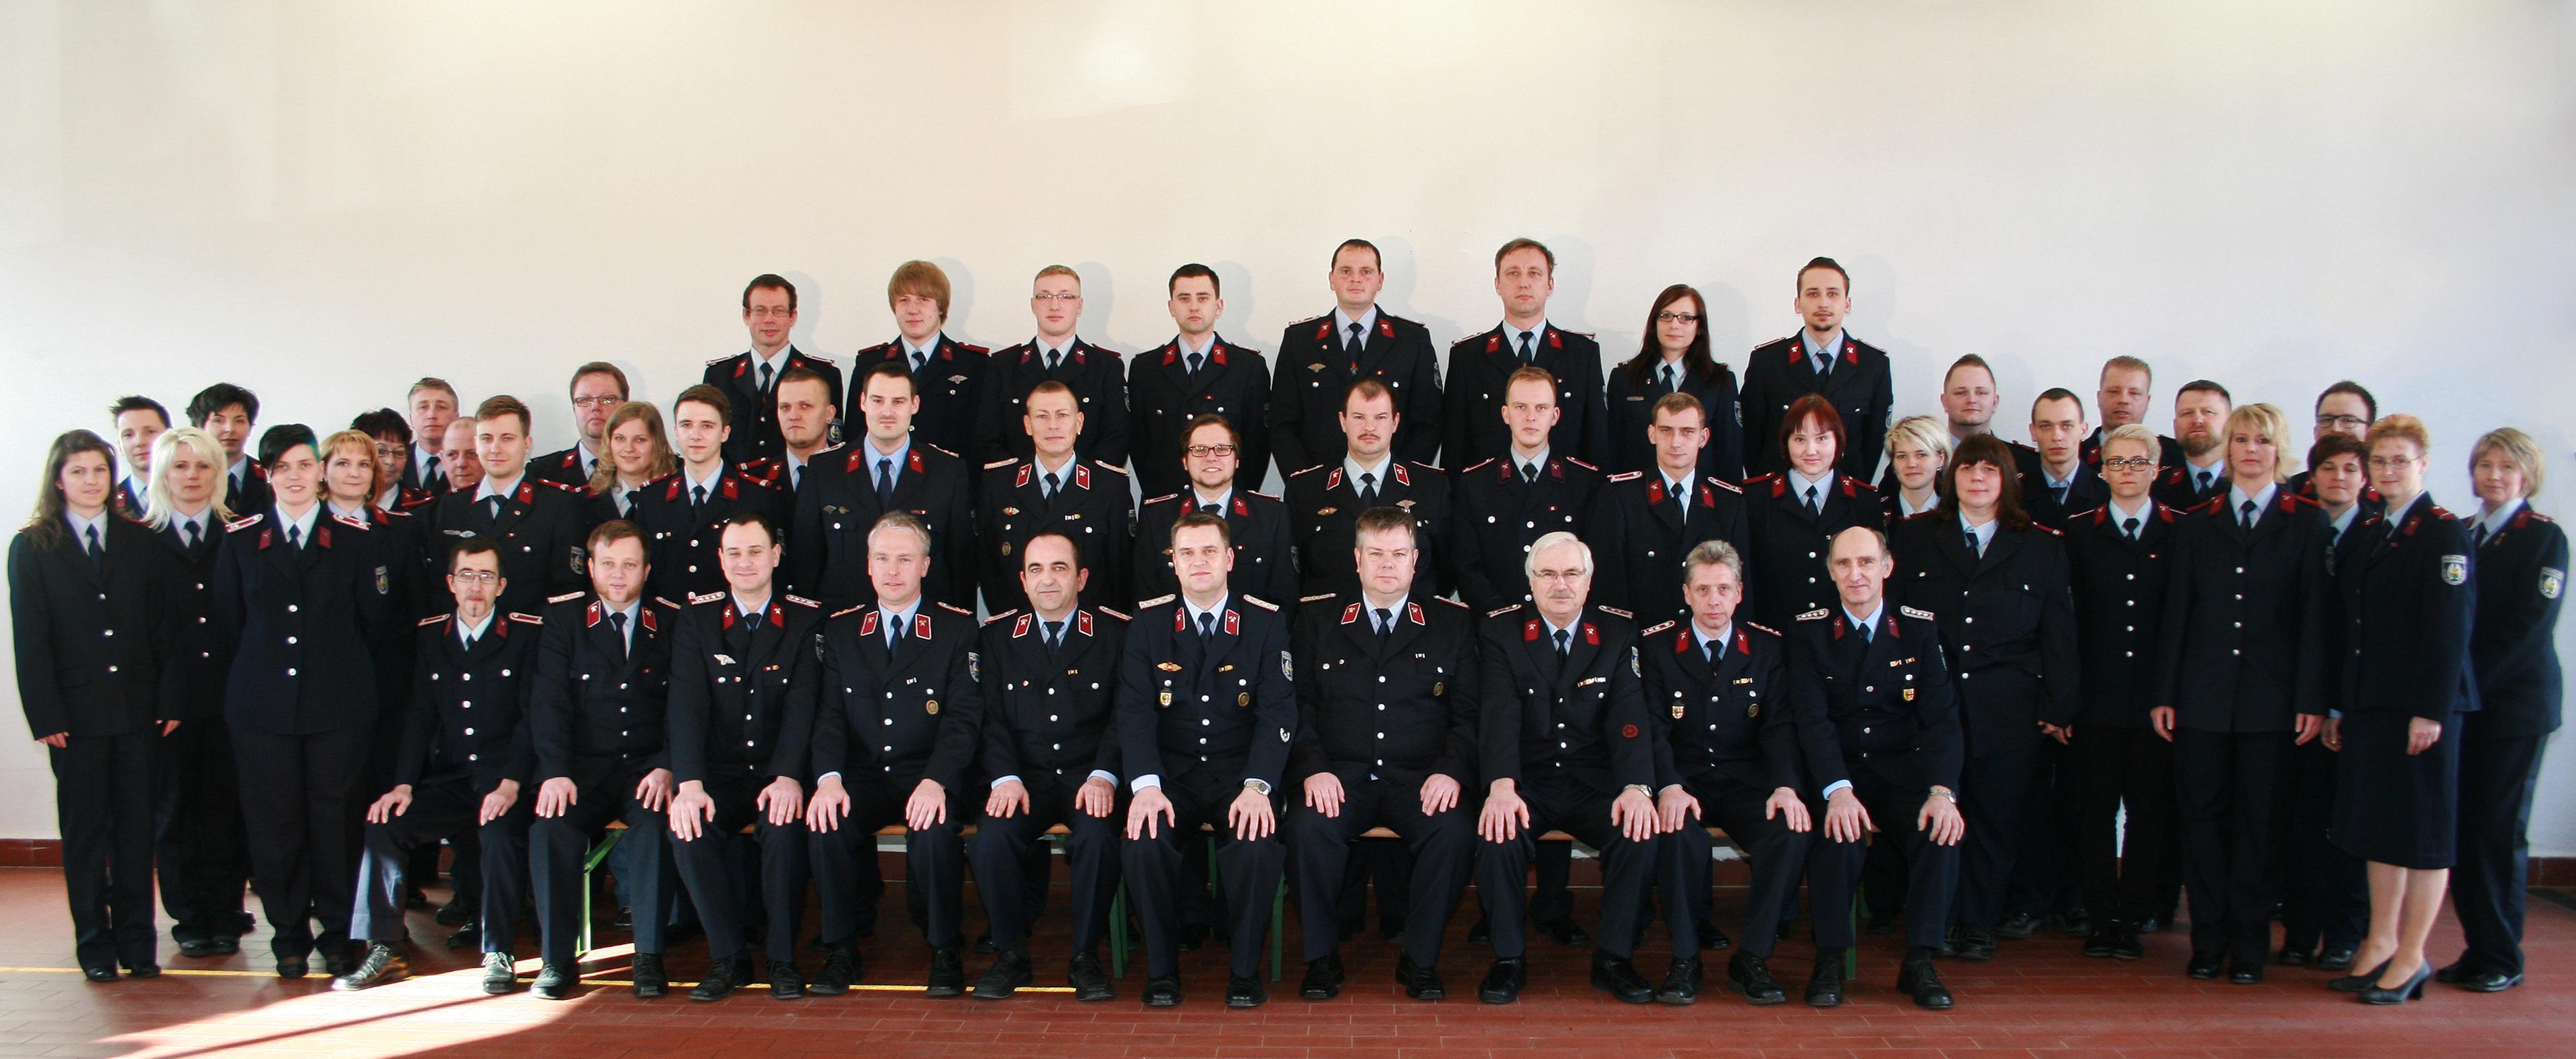 Einsatzkräfte 2014